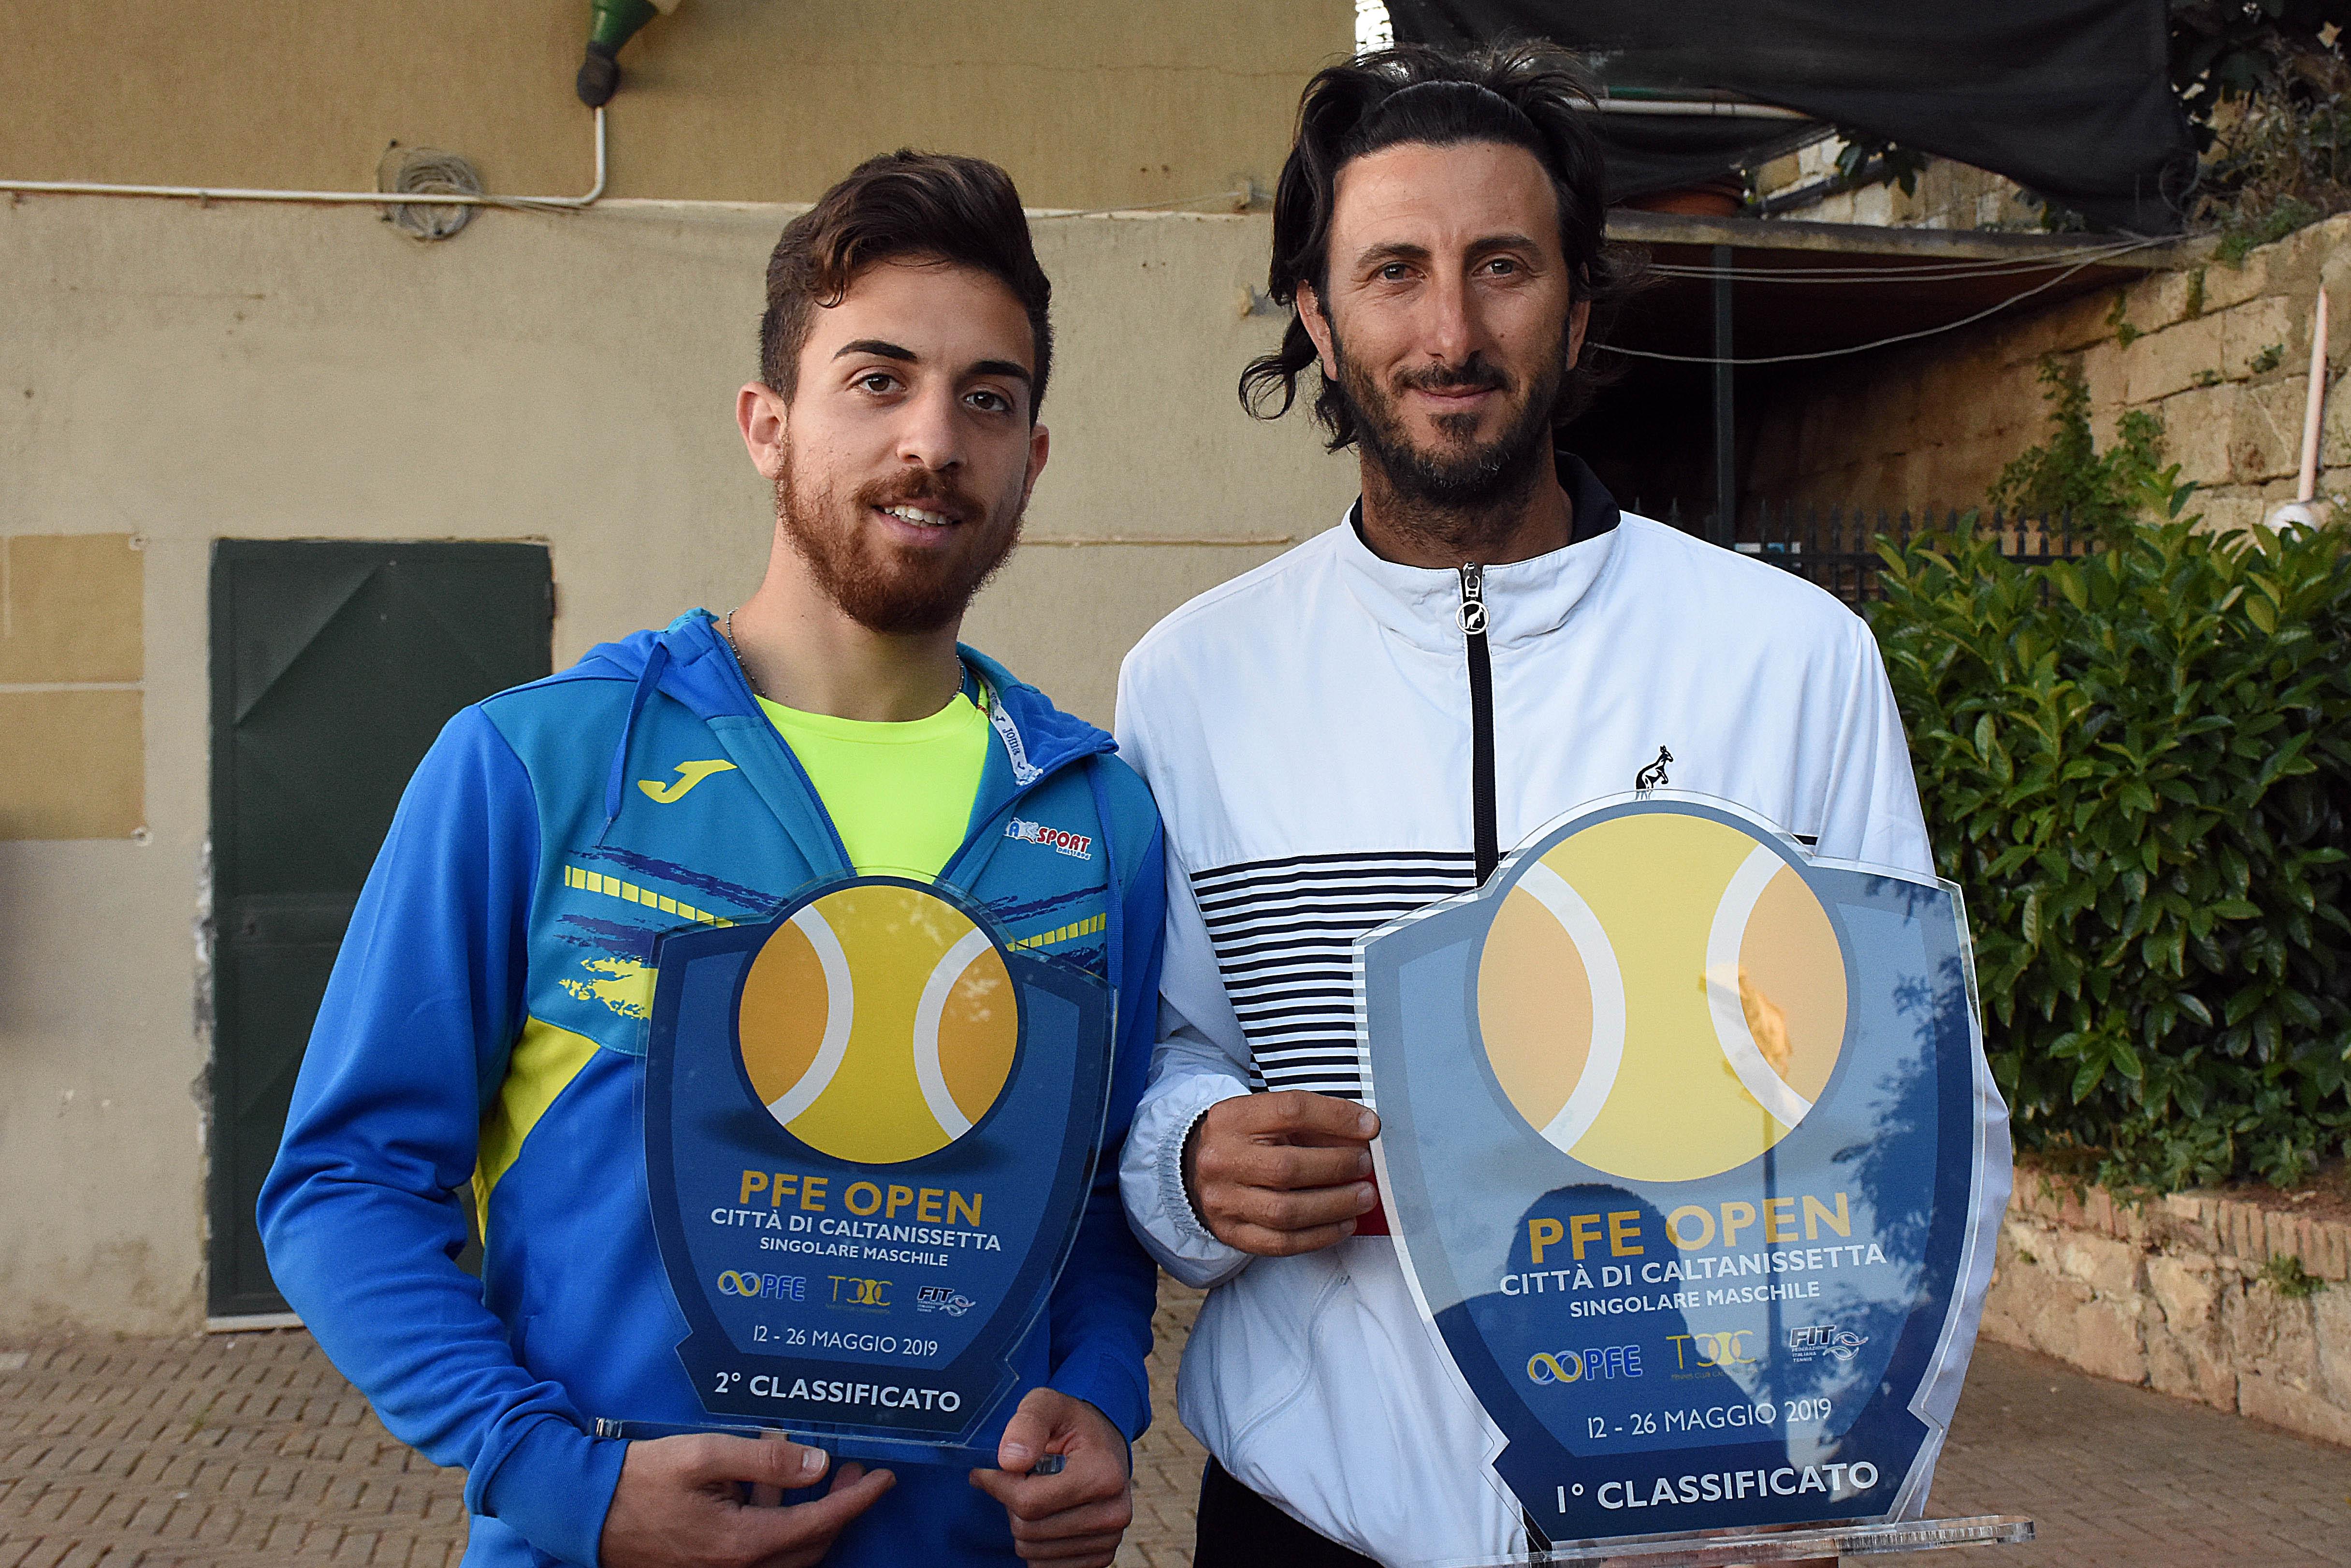 Alessio Di Mauro (a destra) si aggiudica il PFE Open Città di Caltanissetta, battendo in finale Nicolò Schilirò.